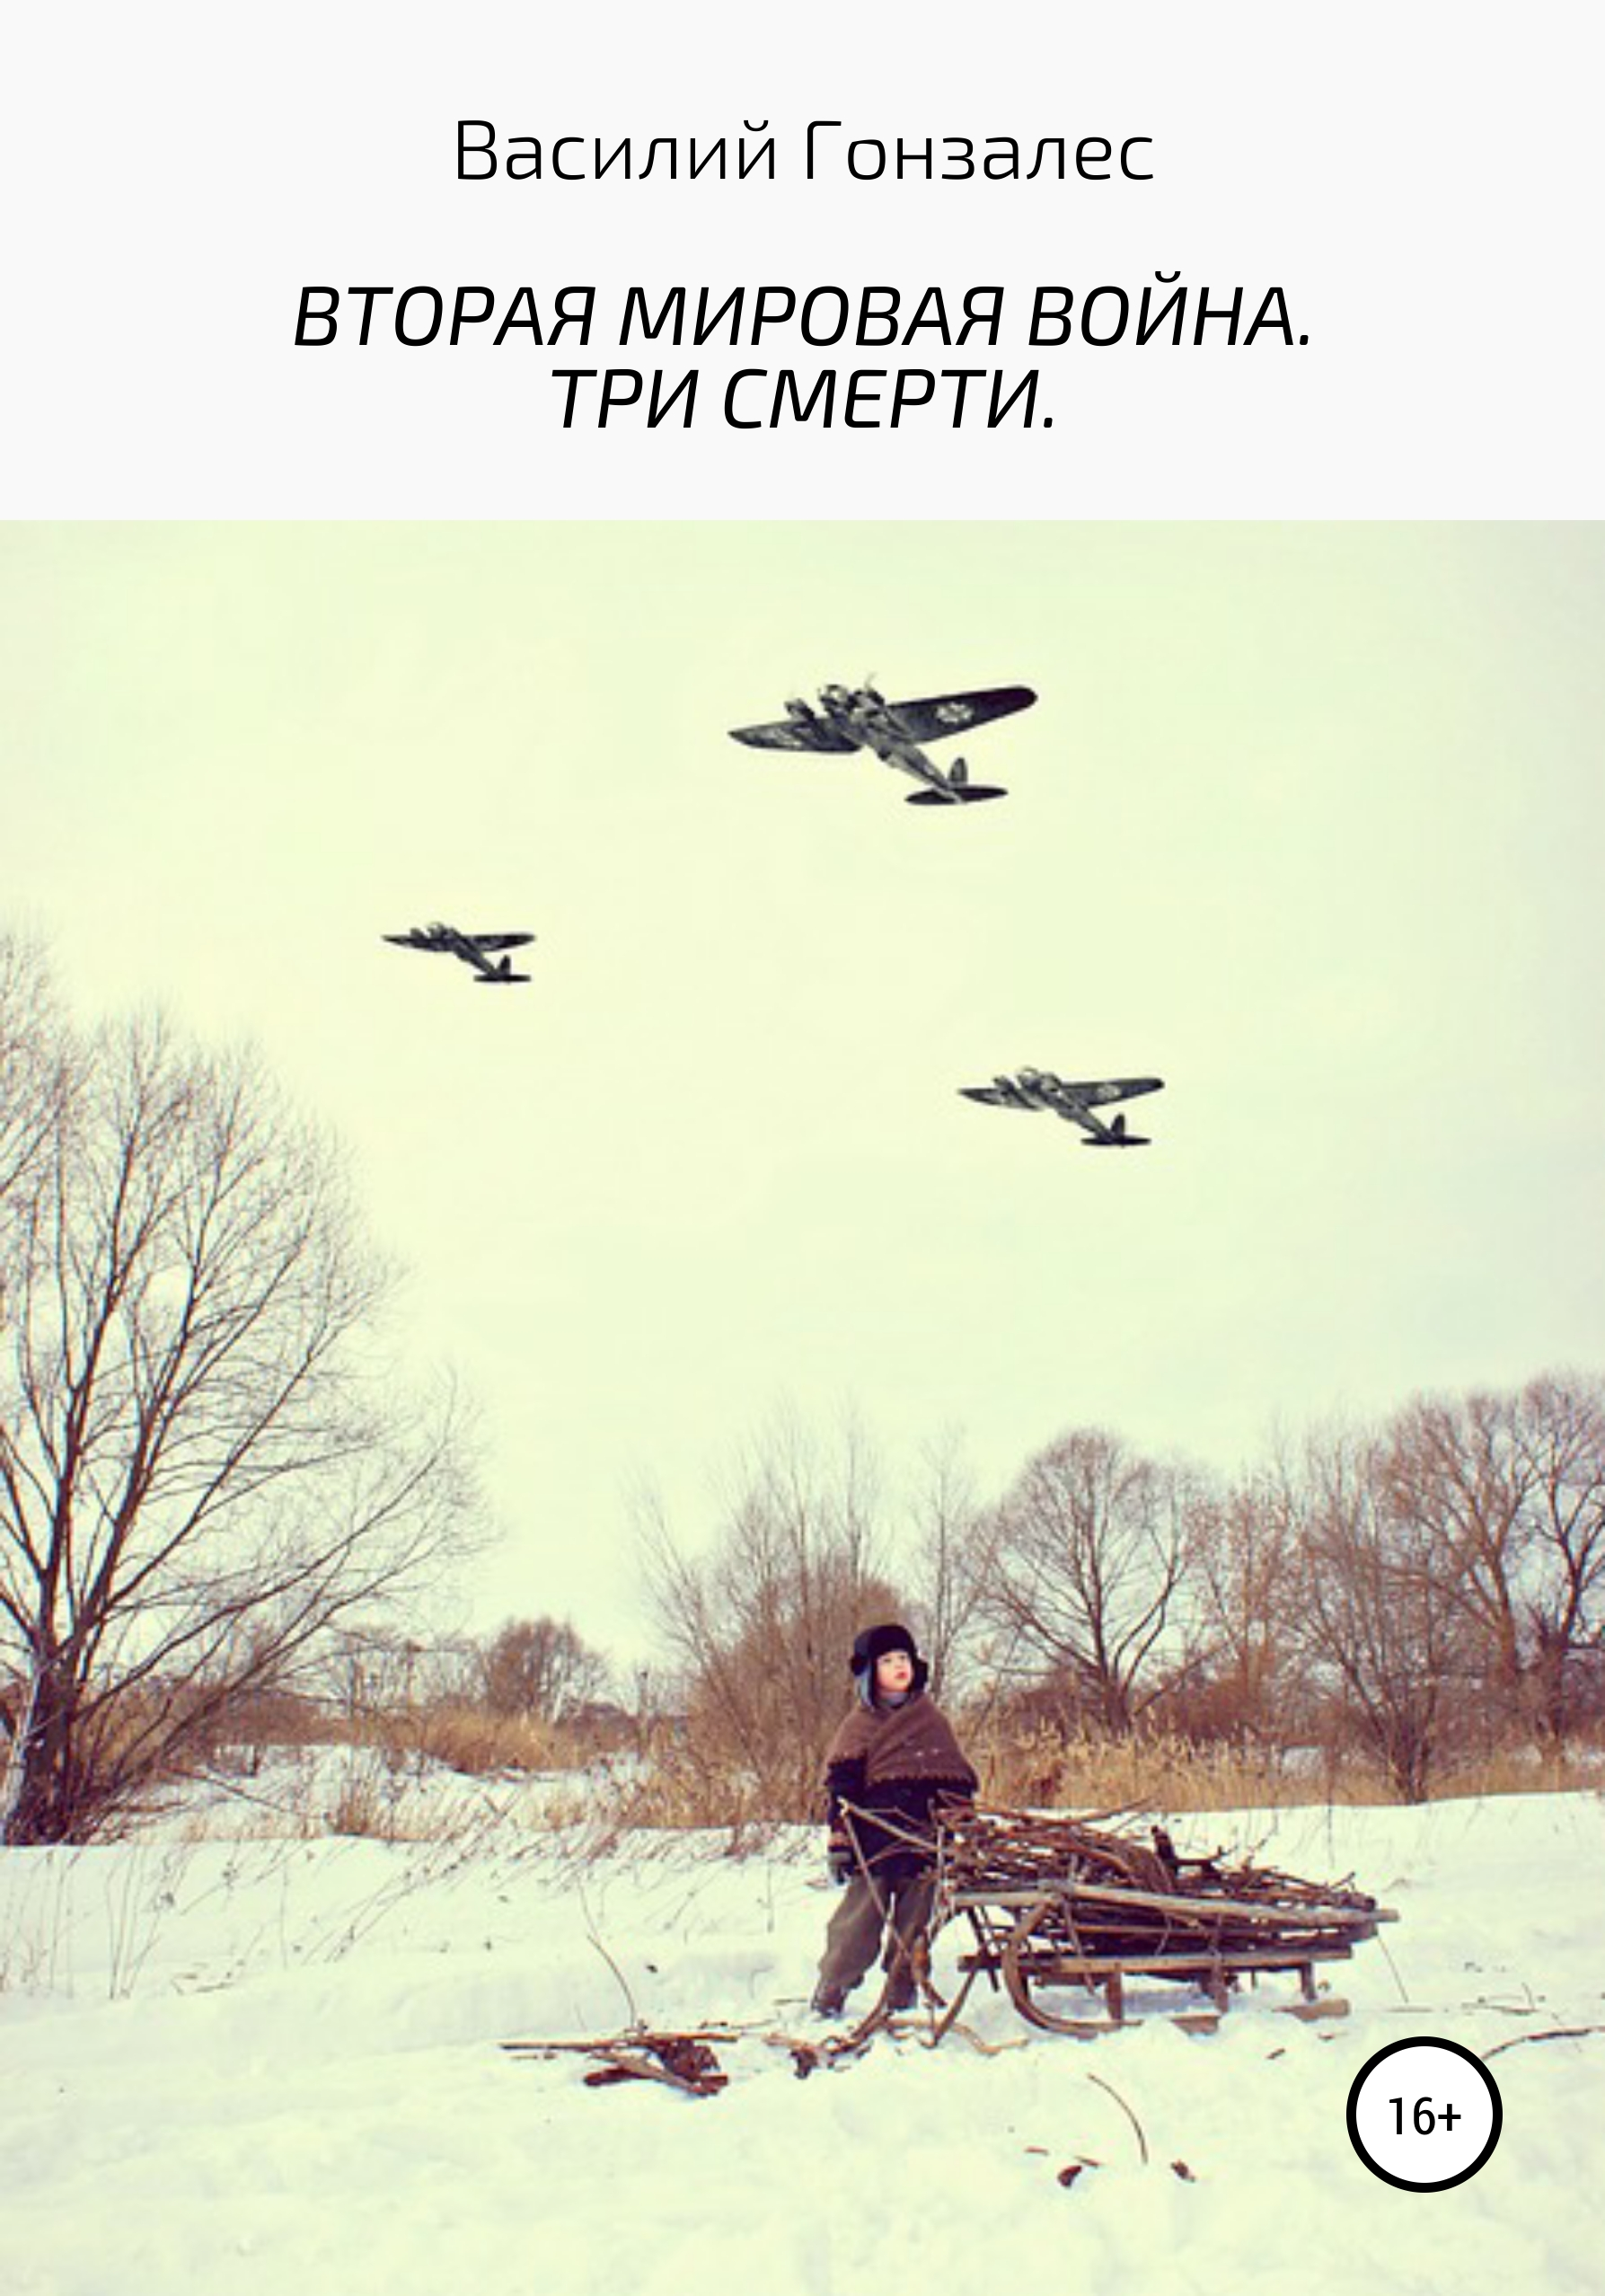 Василий Гонзалес Вторая мировая война. Три смерти